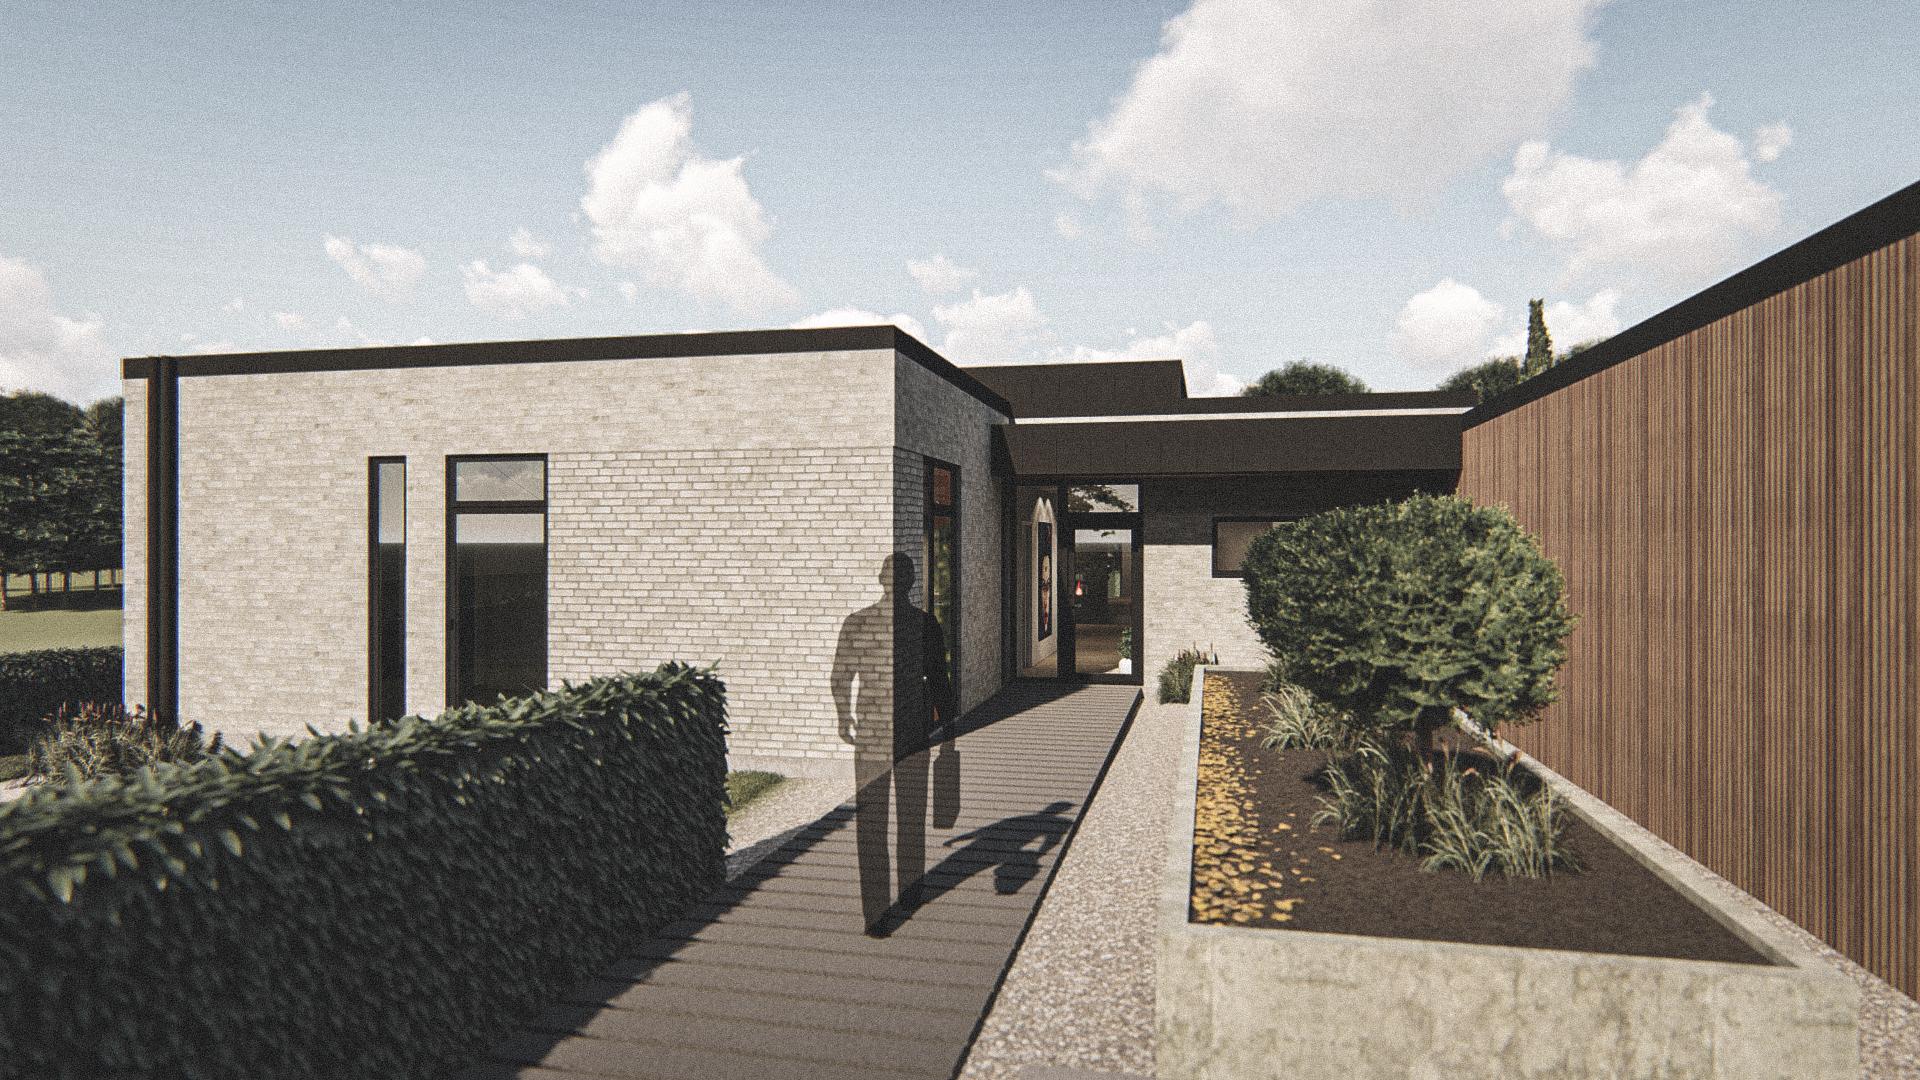 Billede af Dansk arkitekttegnet 1 plan villa af arkitektfirmaet m2plus, i Brovst på 213 kvartratmeter.